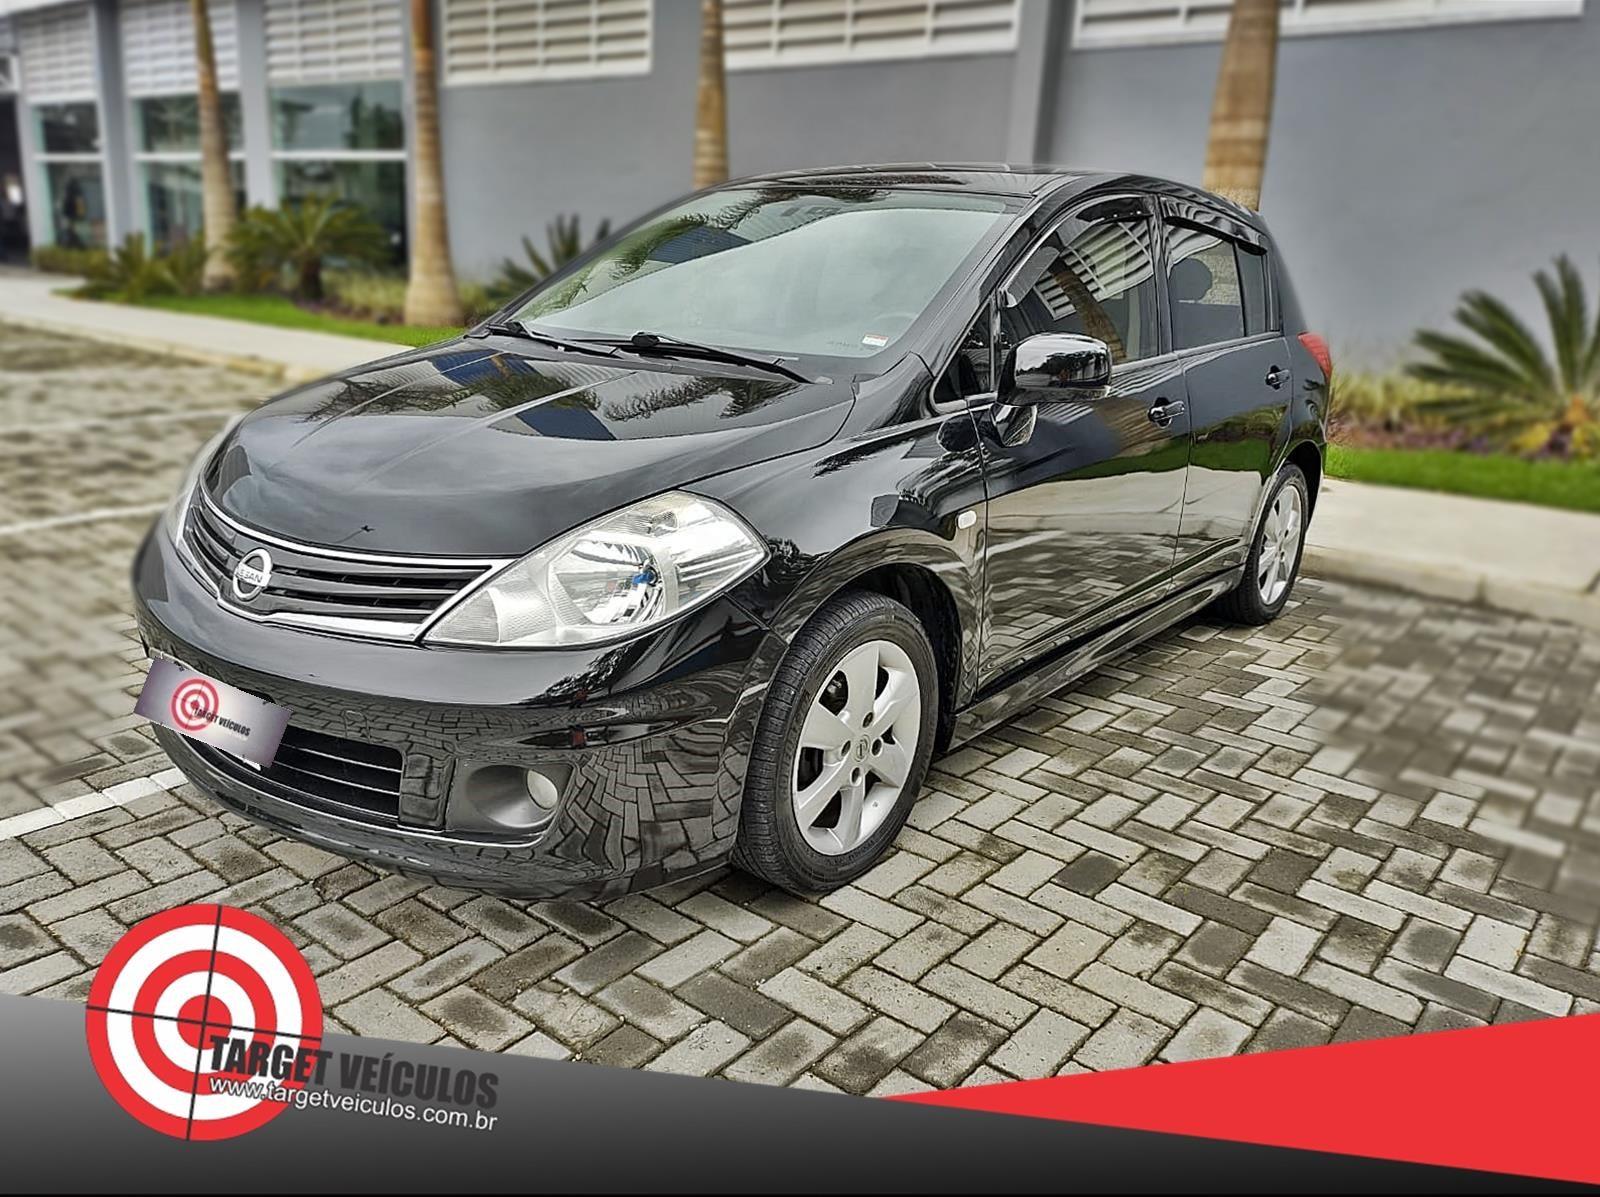 //www.autoline.com.br/carro/nissan/tiida-18-hatch-sl-16v-flex-4p-manual/2012/praia-grande-sp/15824444